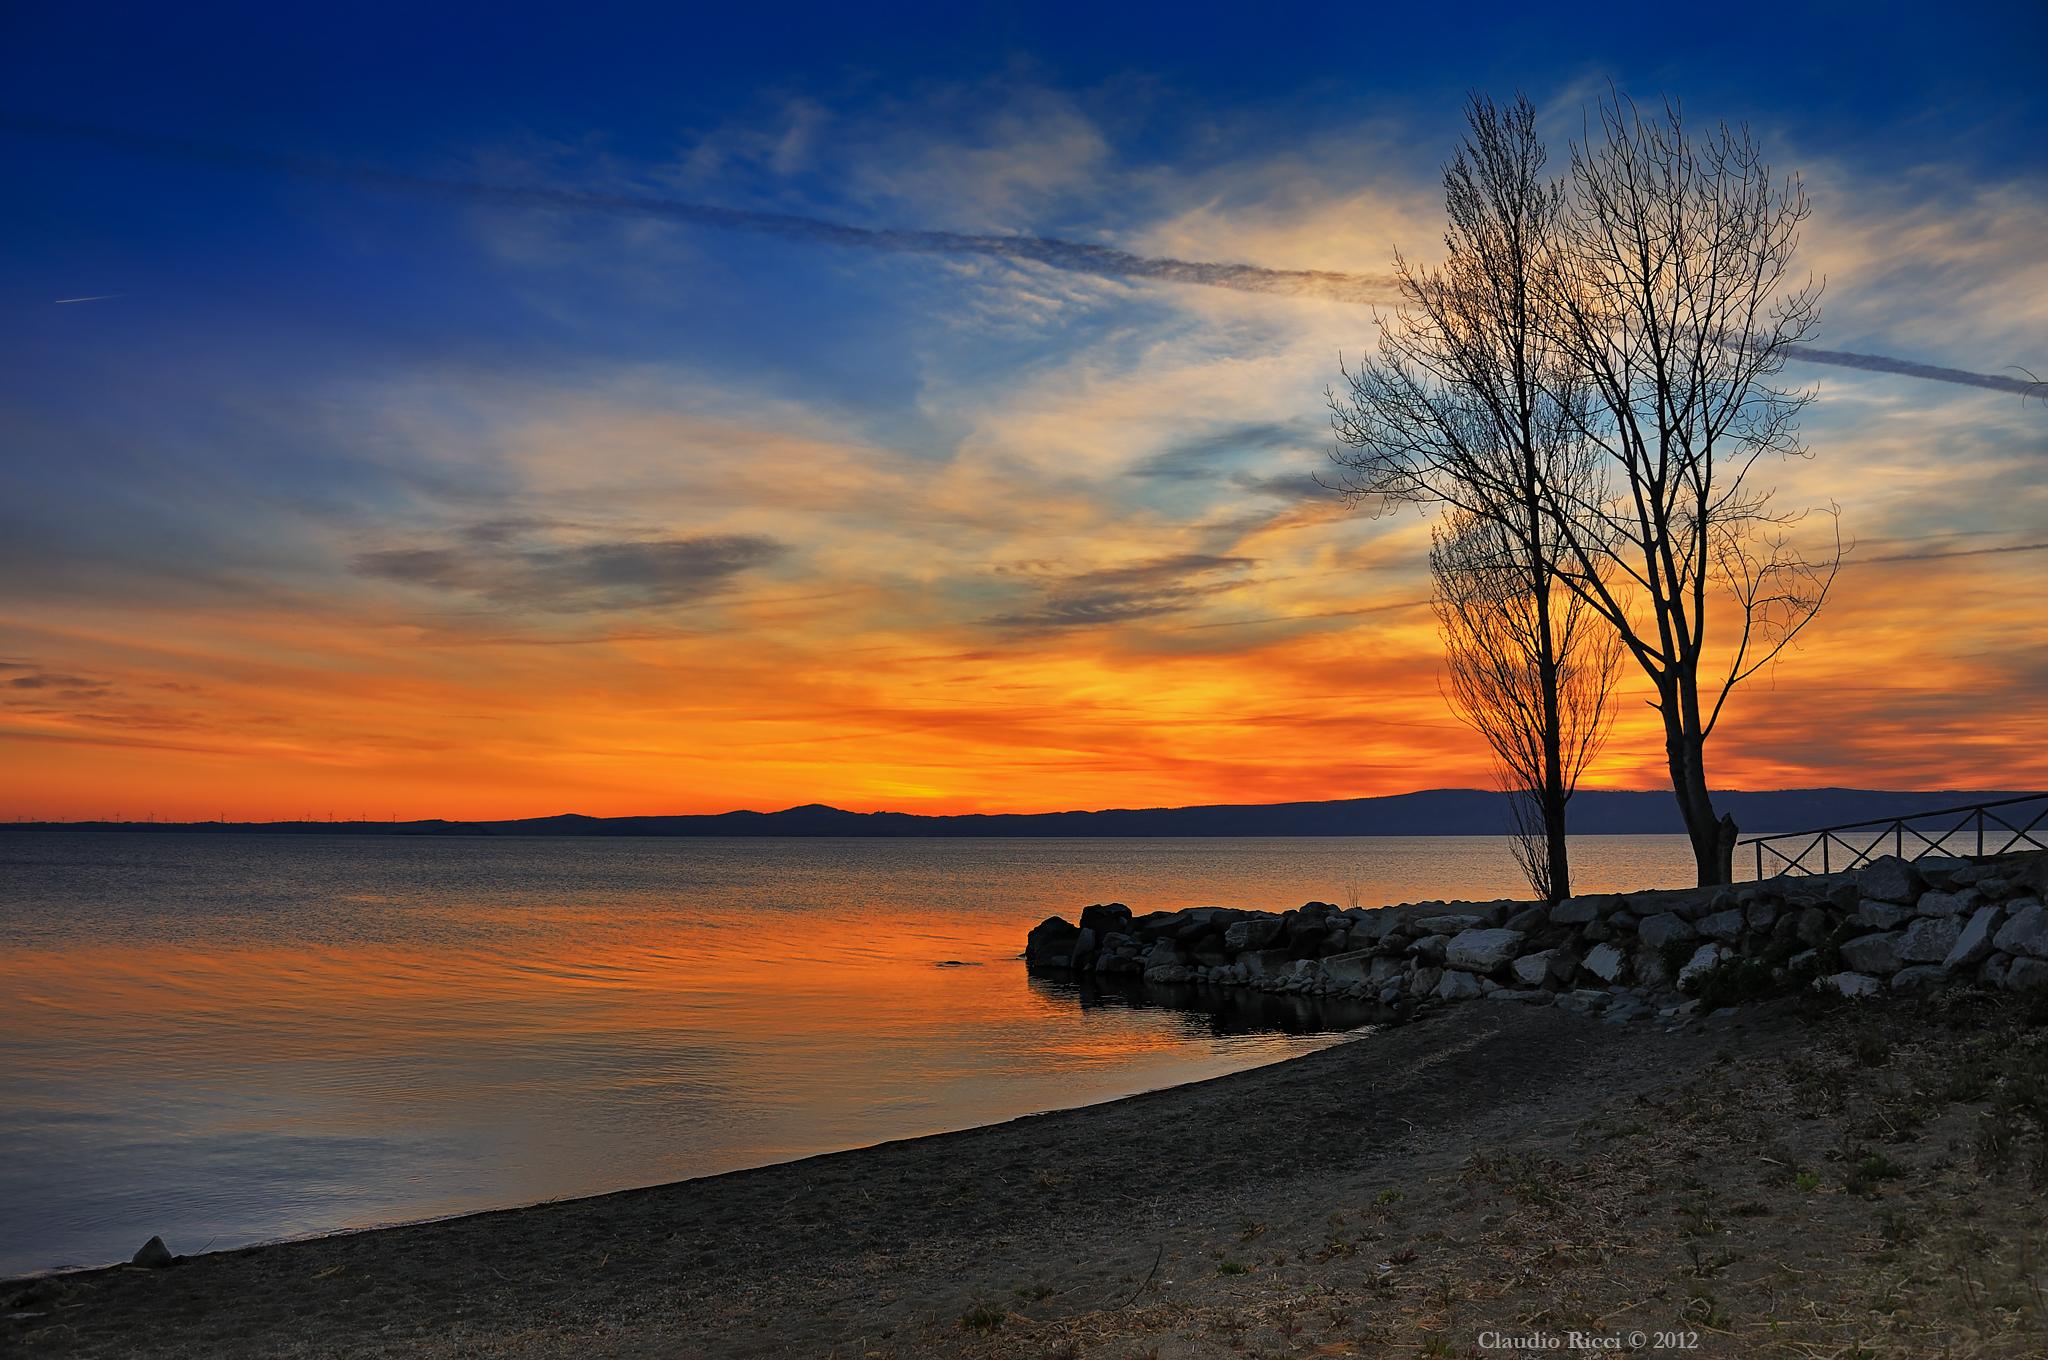 Lakefront, Bolsena (Vt)...